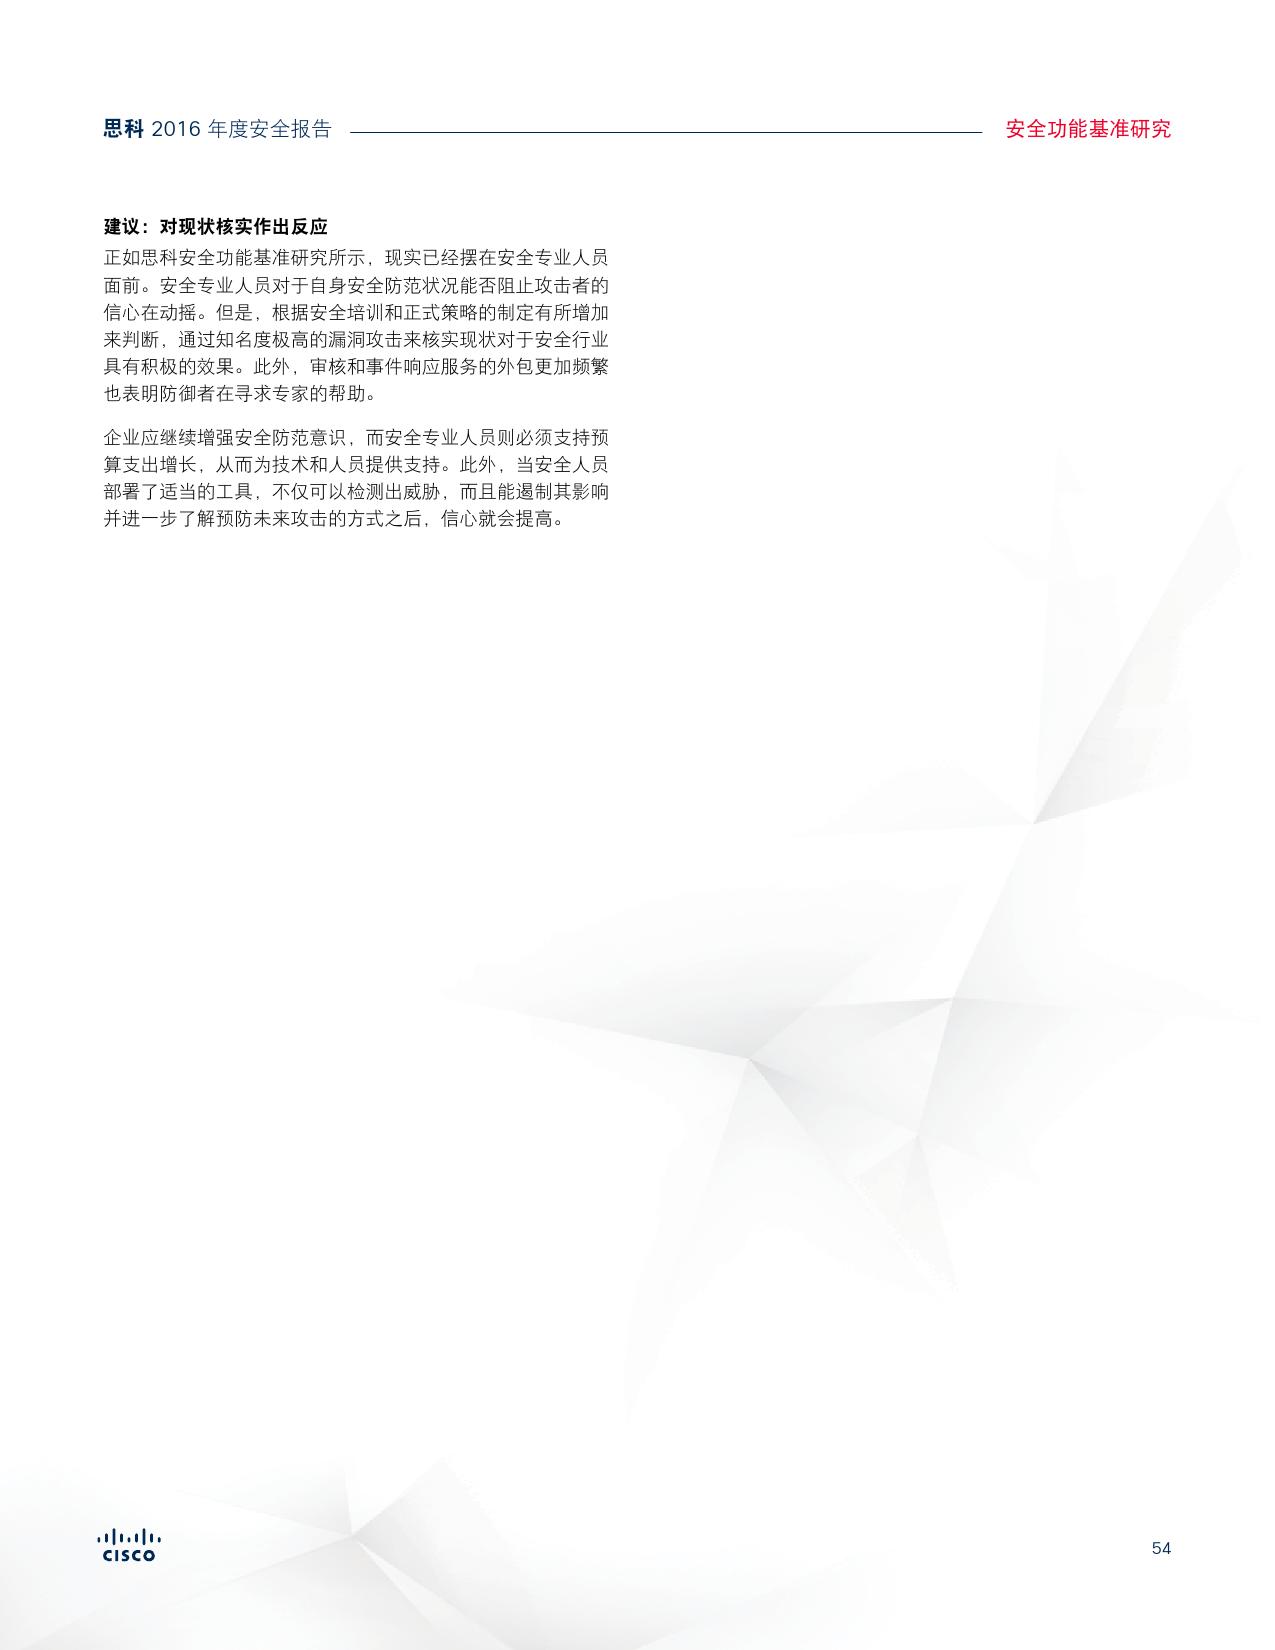 2016年中网络安全报告_000054